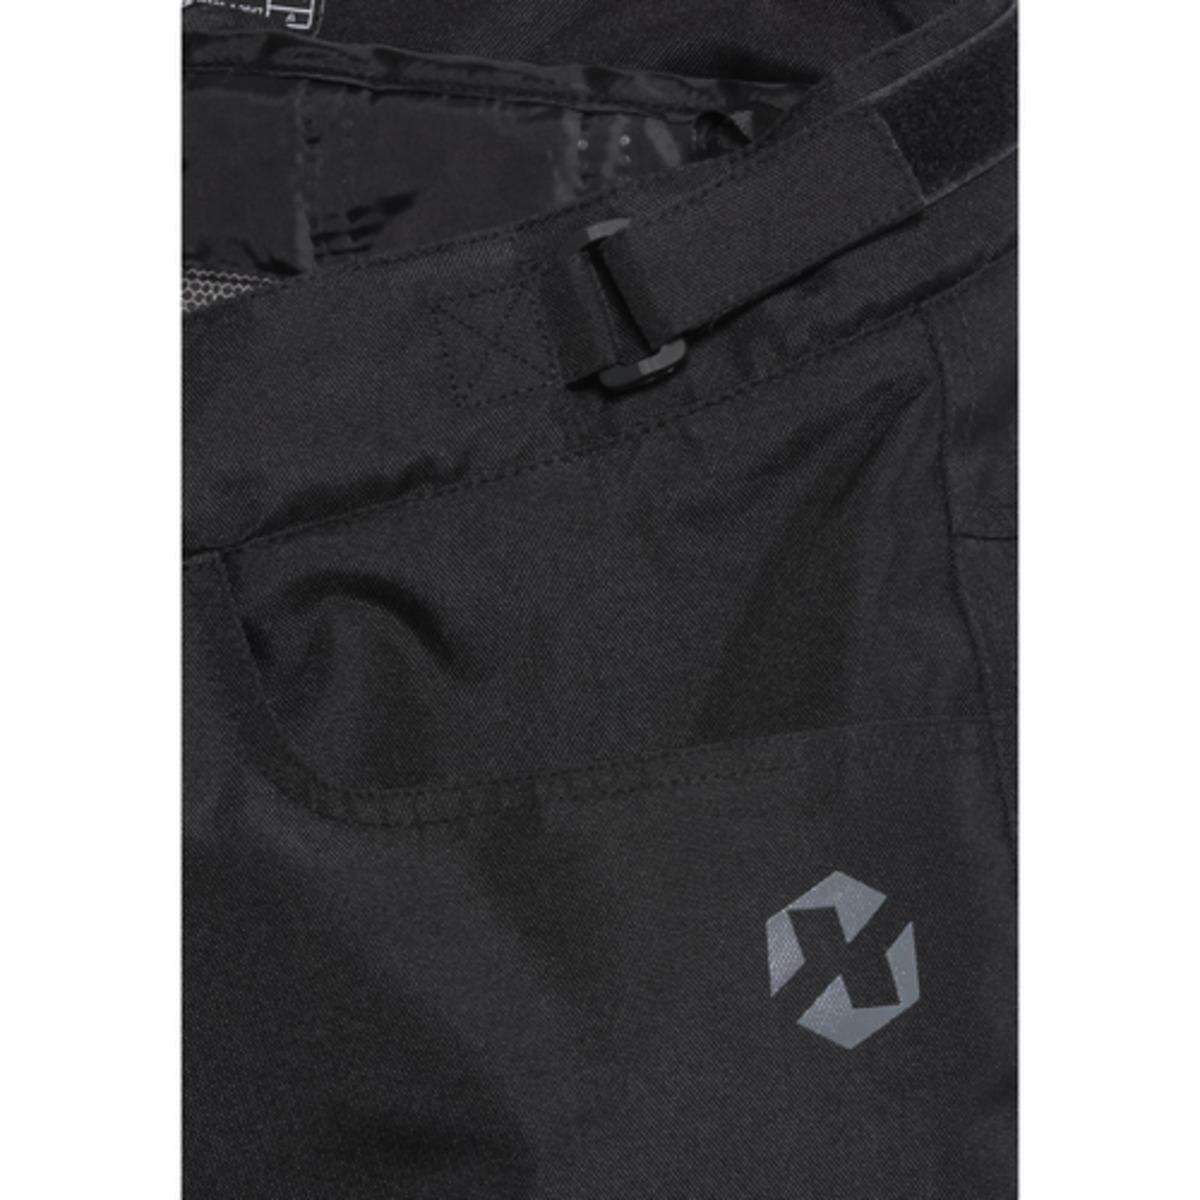 Bild 4 von Tour Textilhose 5.0